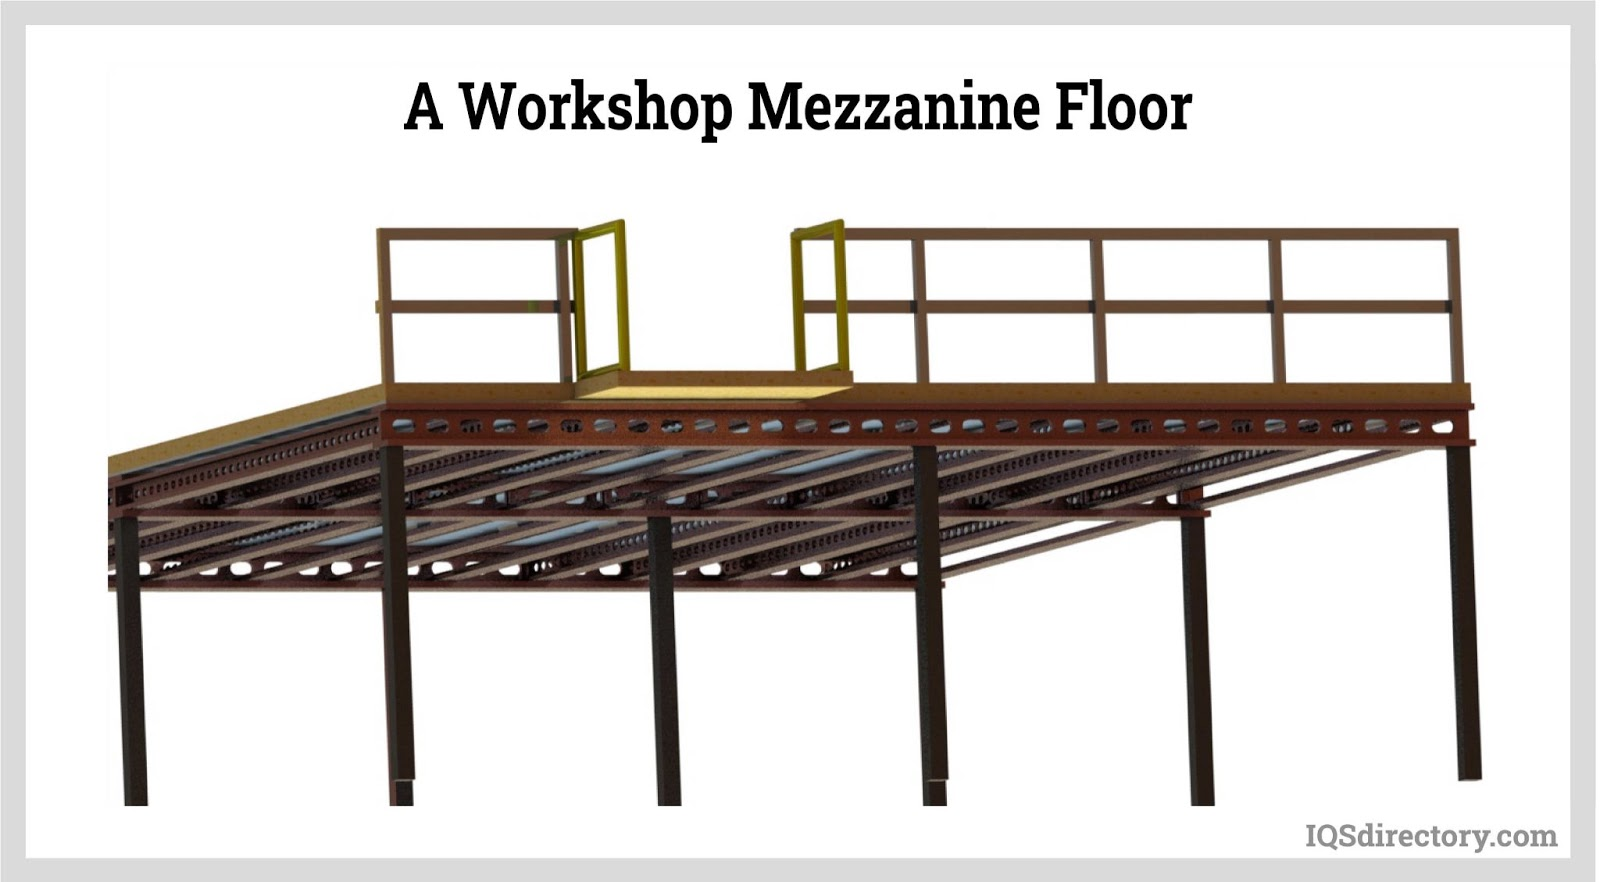 A Workshop Mezzanine Floor